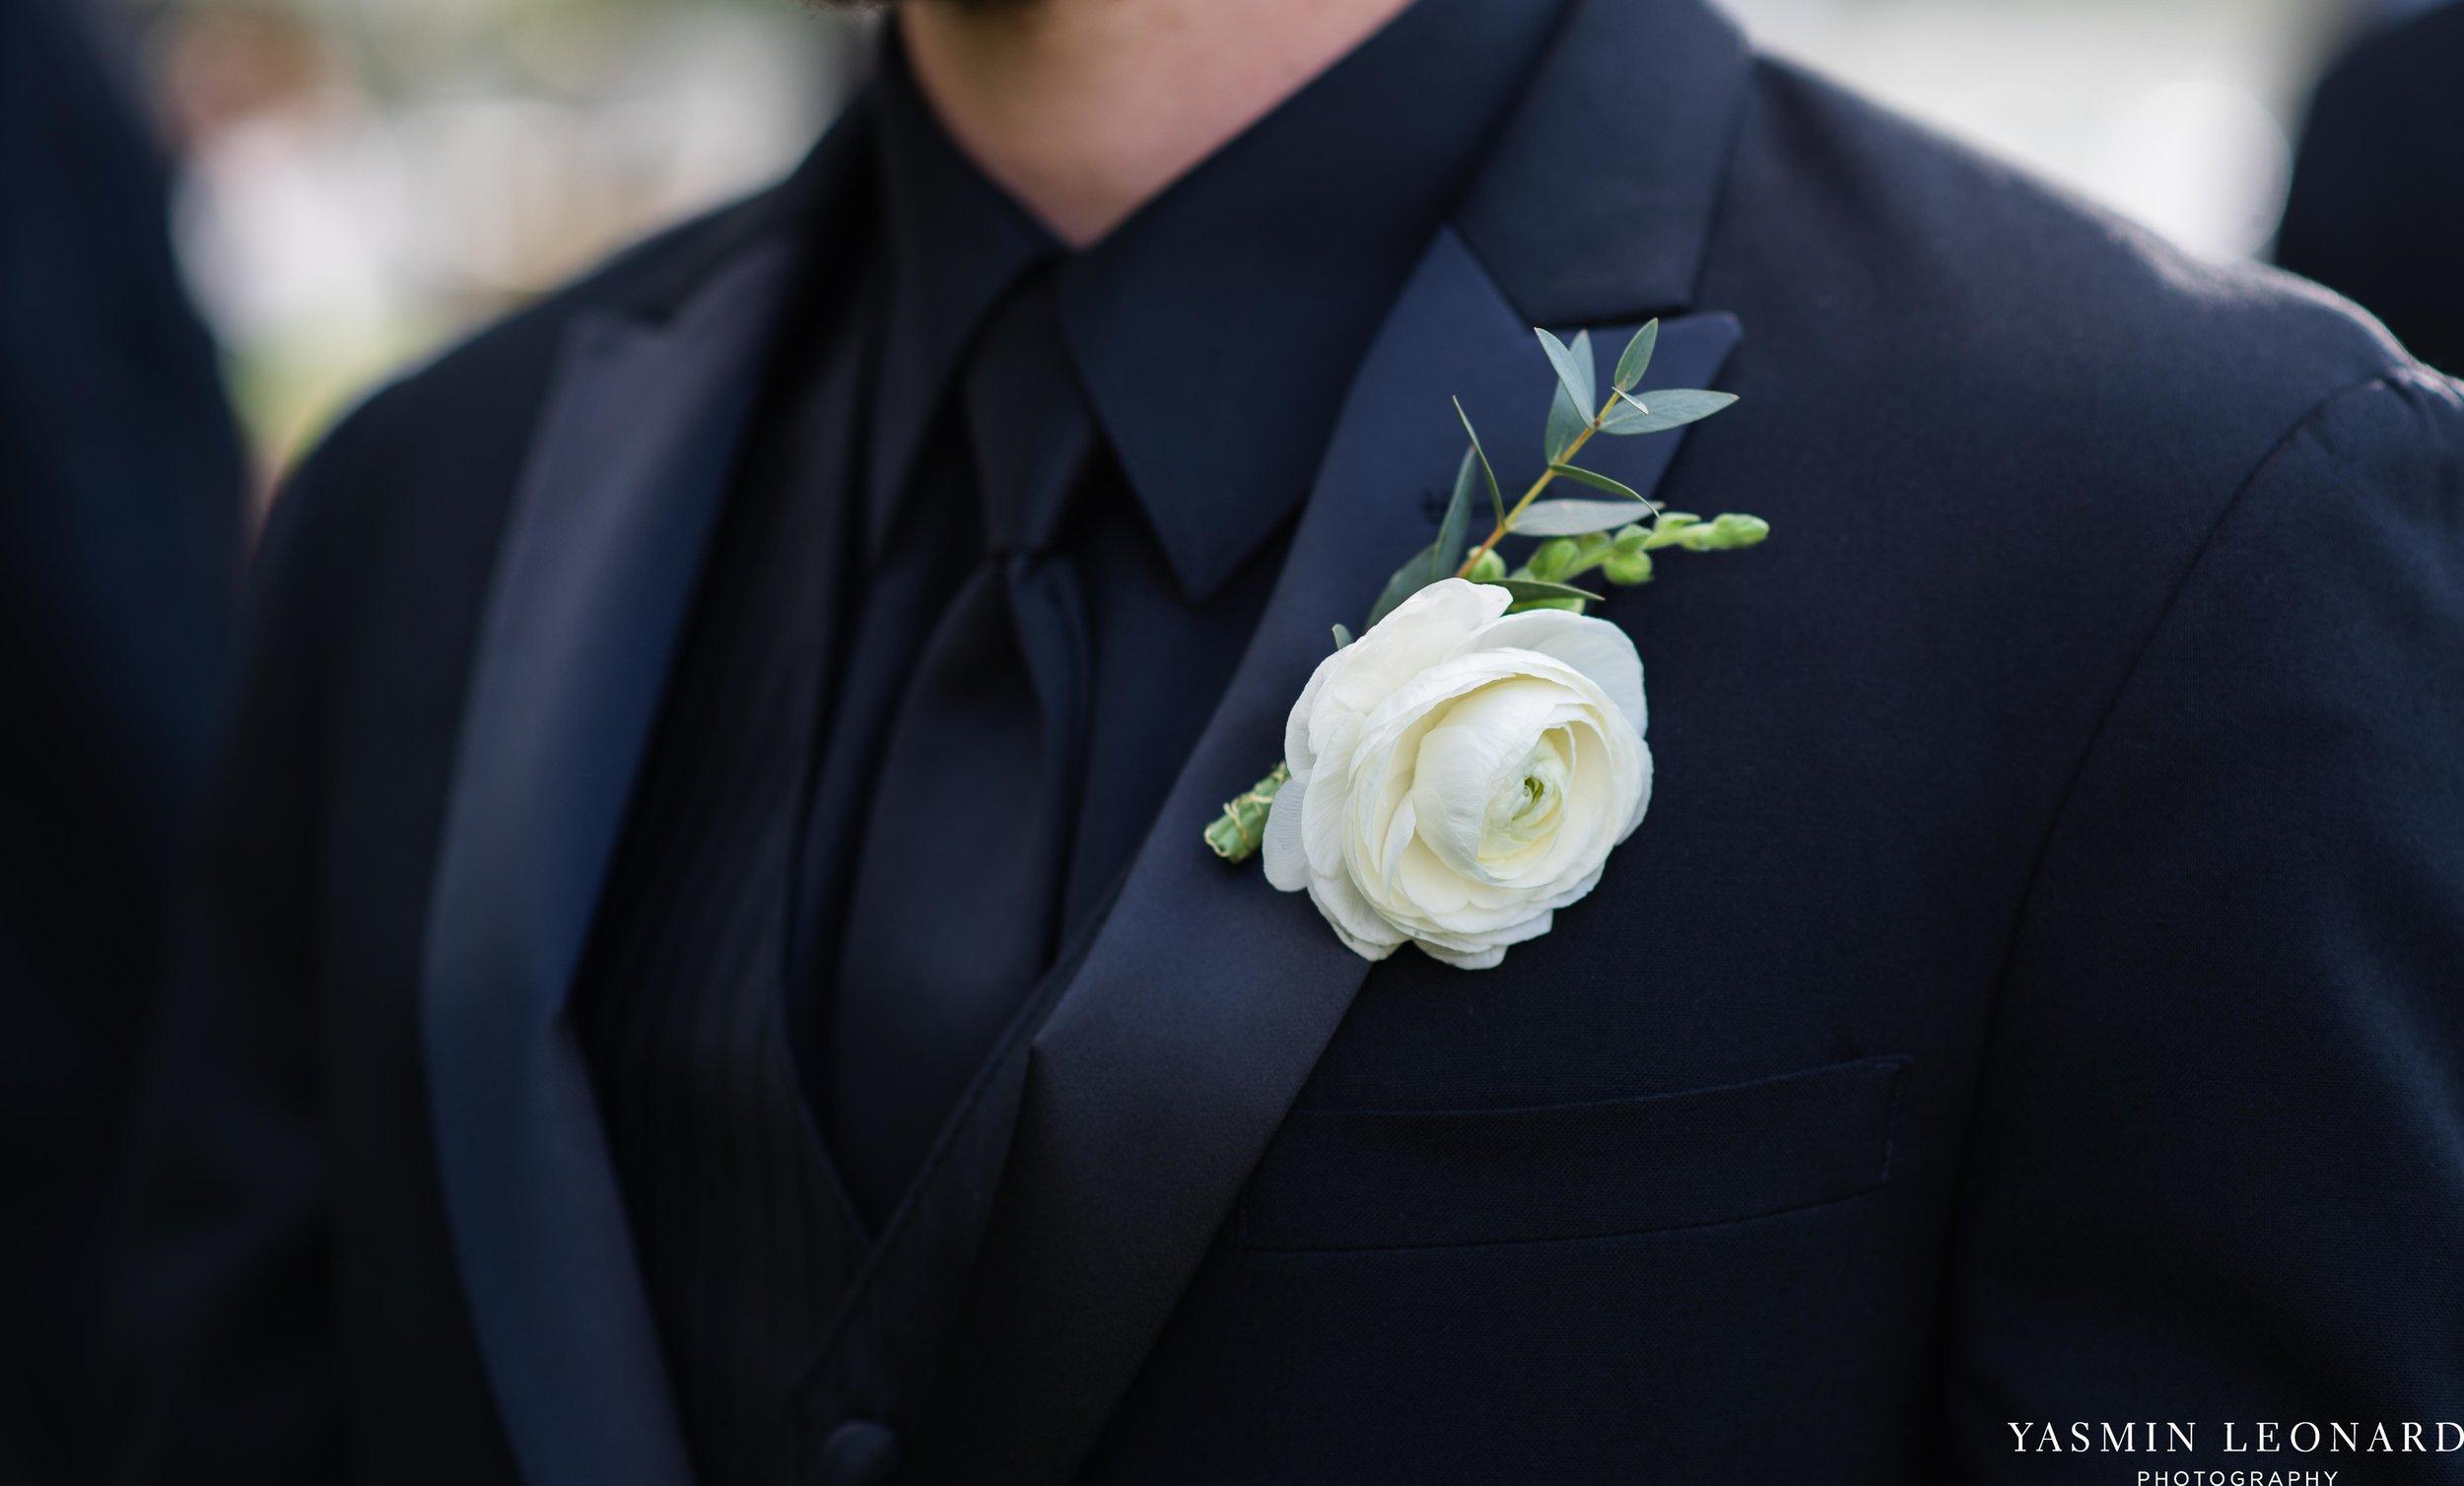 Boxwood Estate - Boxwood Estate Wedding - Luxury Wedding - Black and White Wedding - NC Wedding Venues - NC Weddings - NC Photographer - Lantern Release Grand Exit - Large Wedding Party - Yasmin Leonard Photography-11.jpg